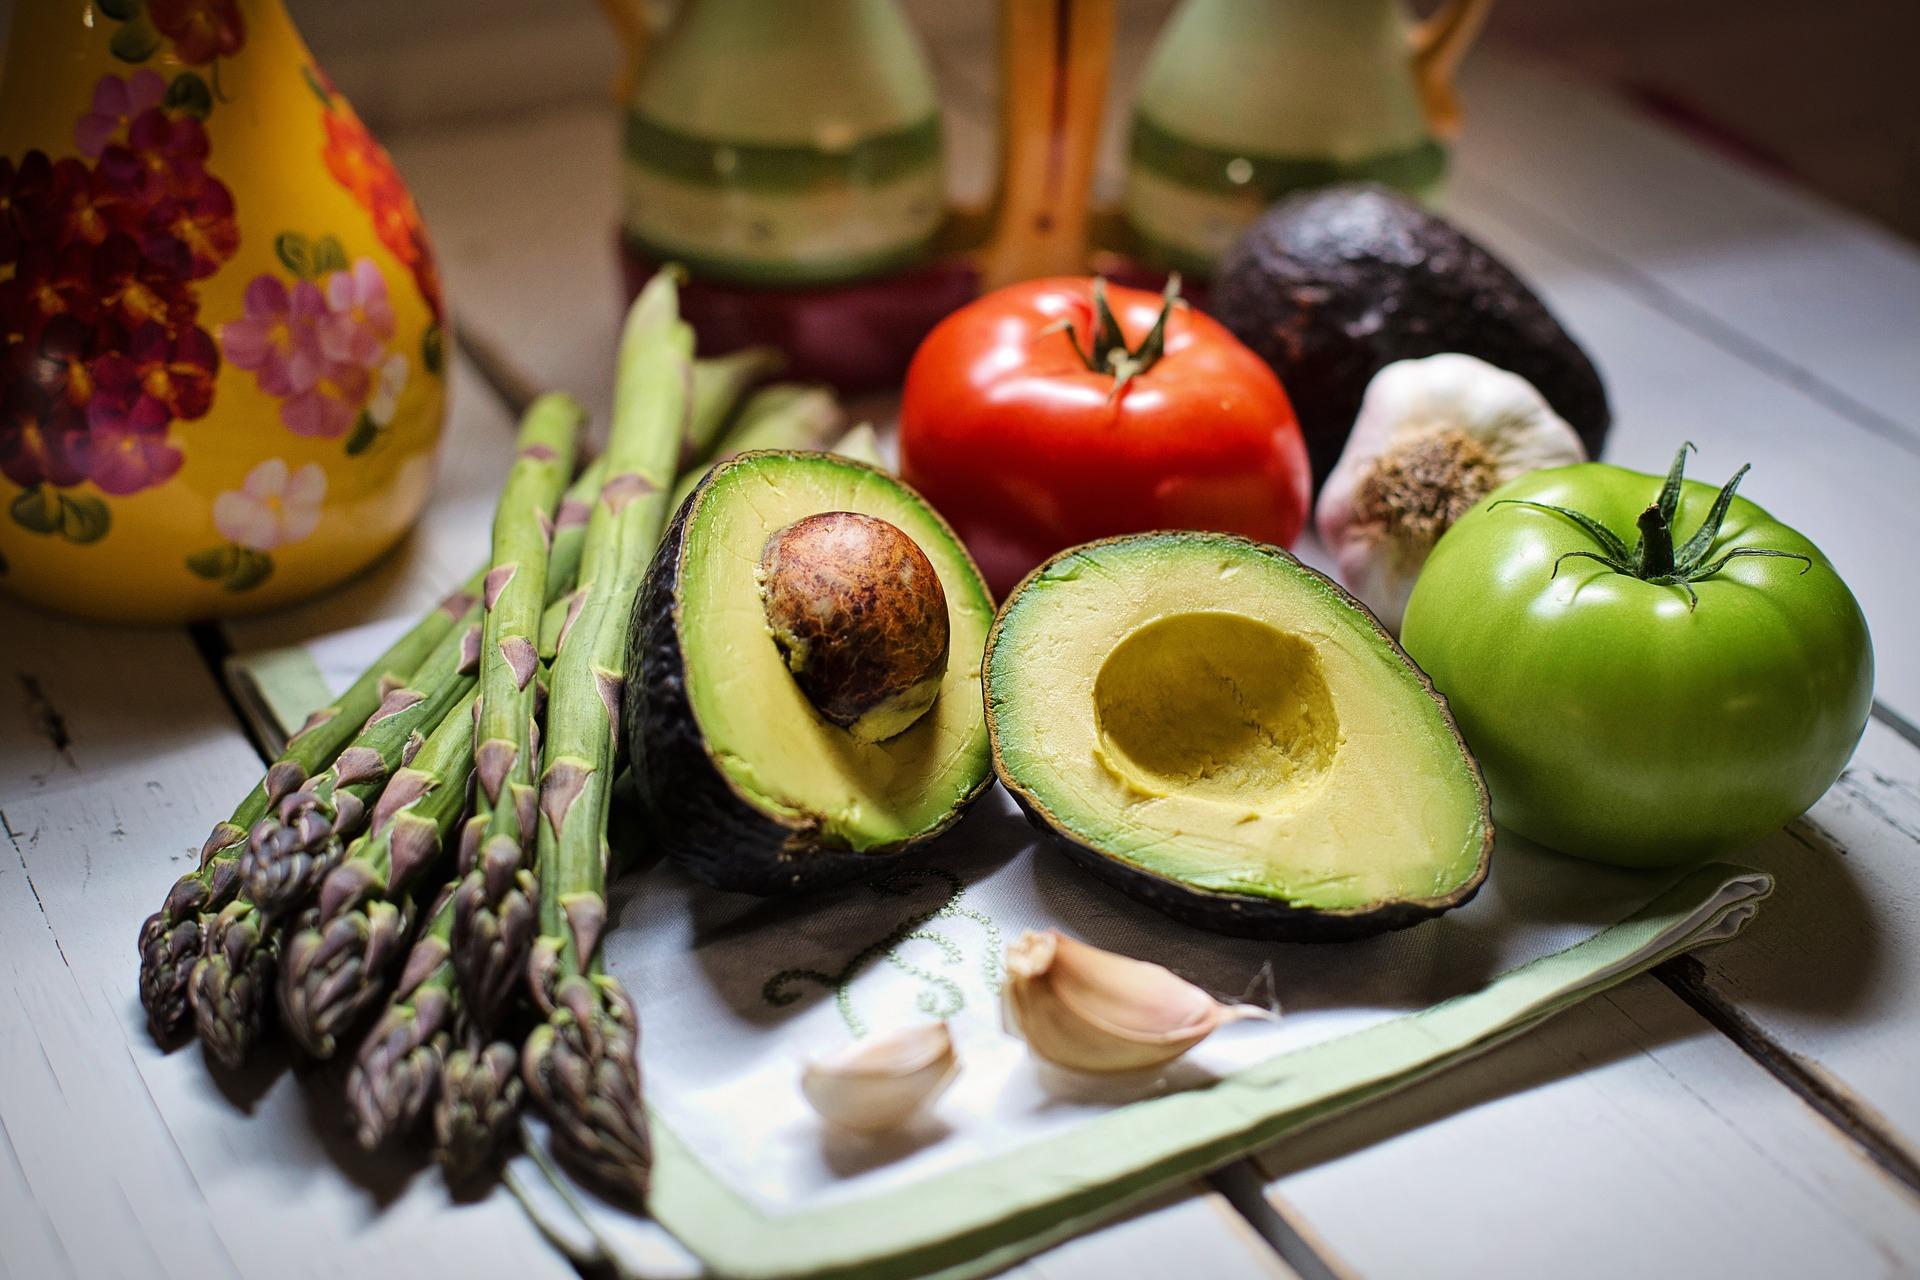 アボカドと野菜